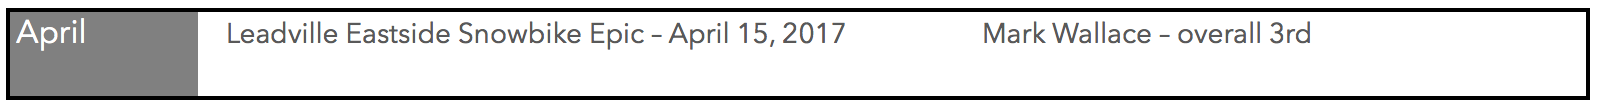 2017_April.png